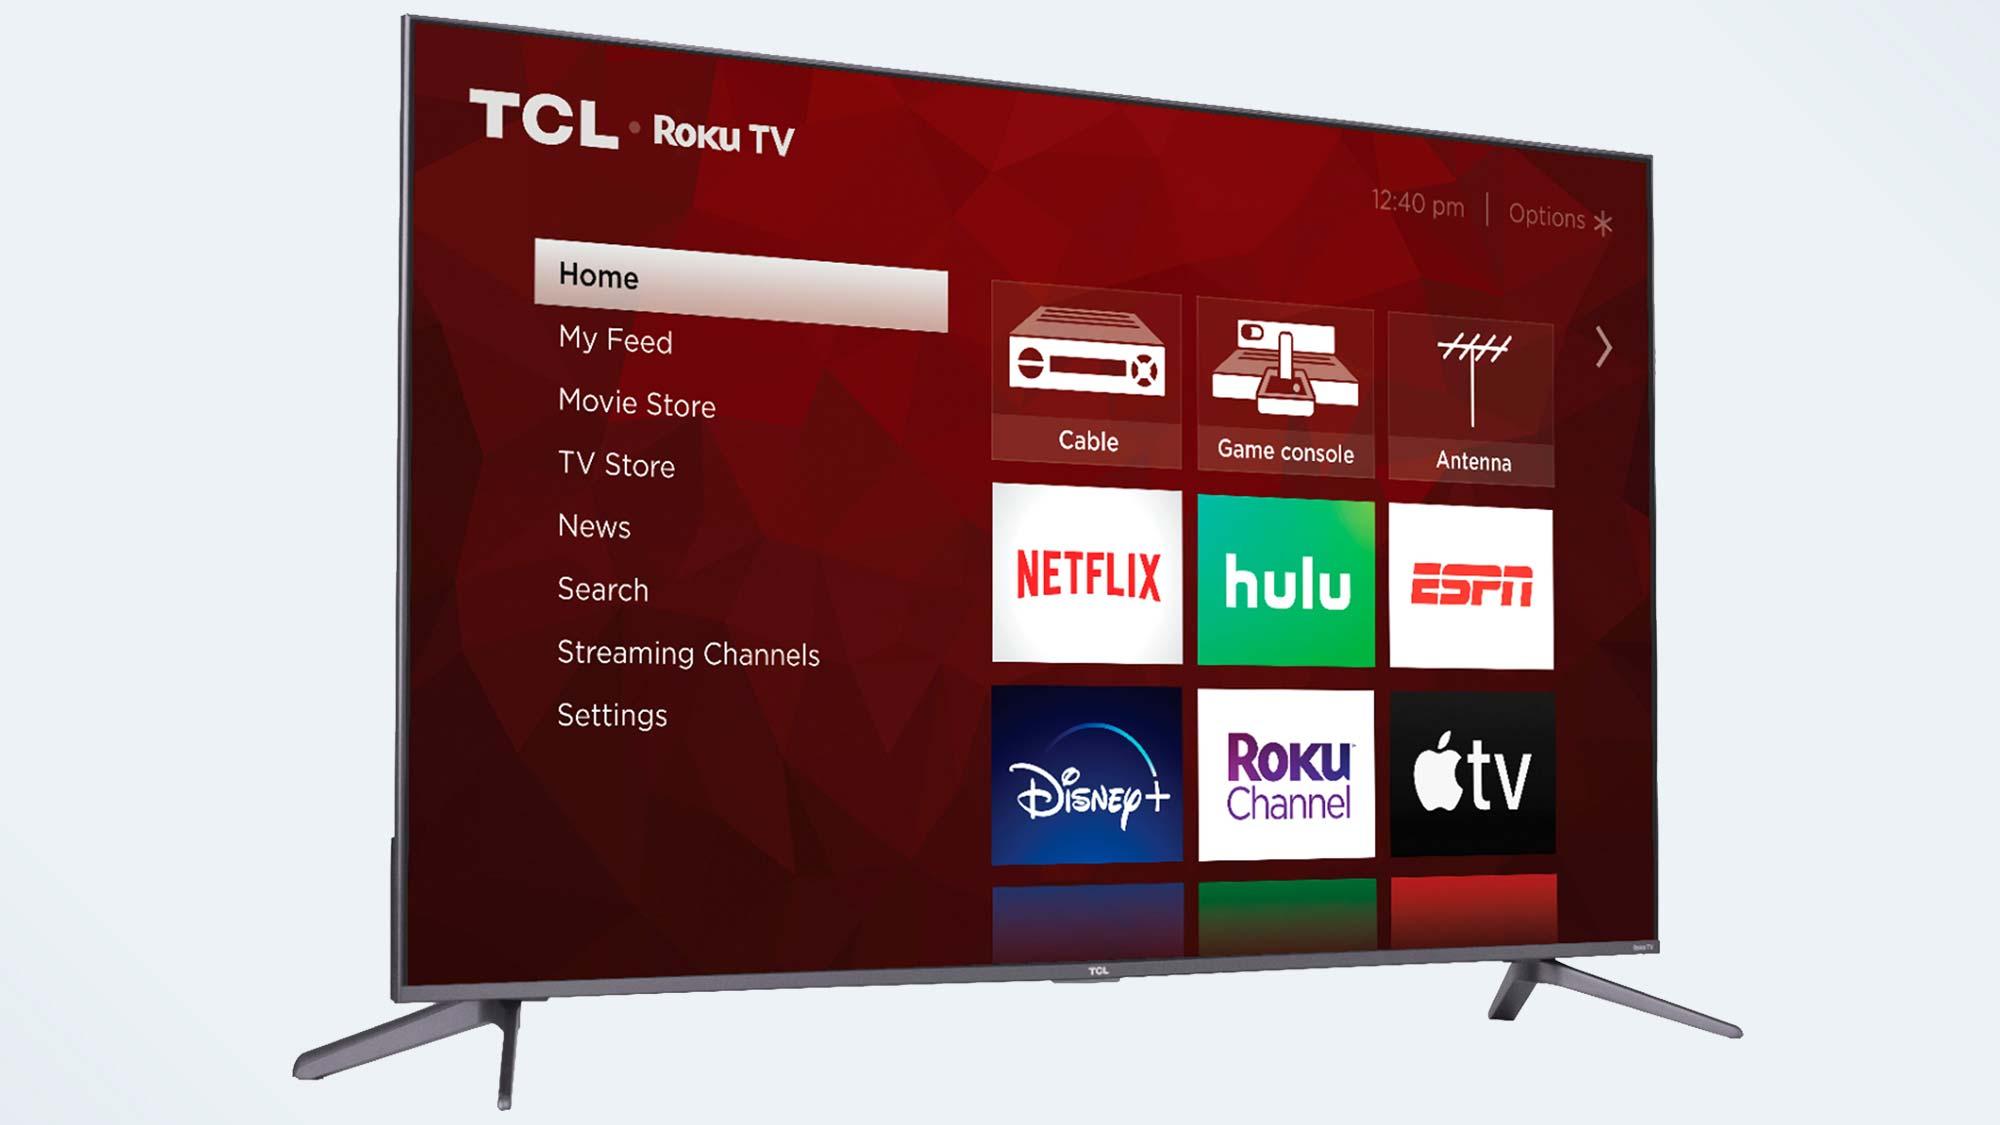 Best Roku TVs: TCL 5-Series Roku TV (S535)